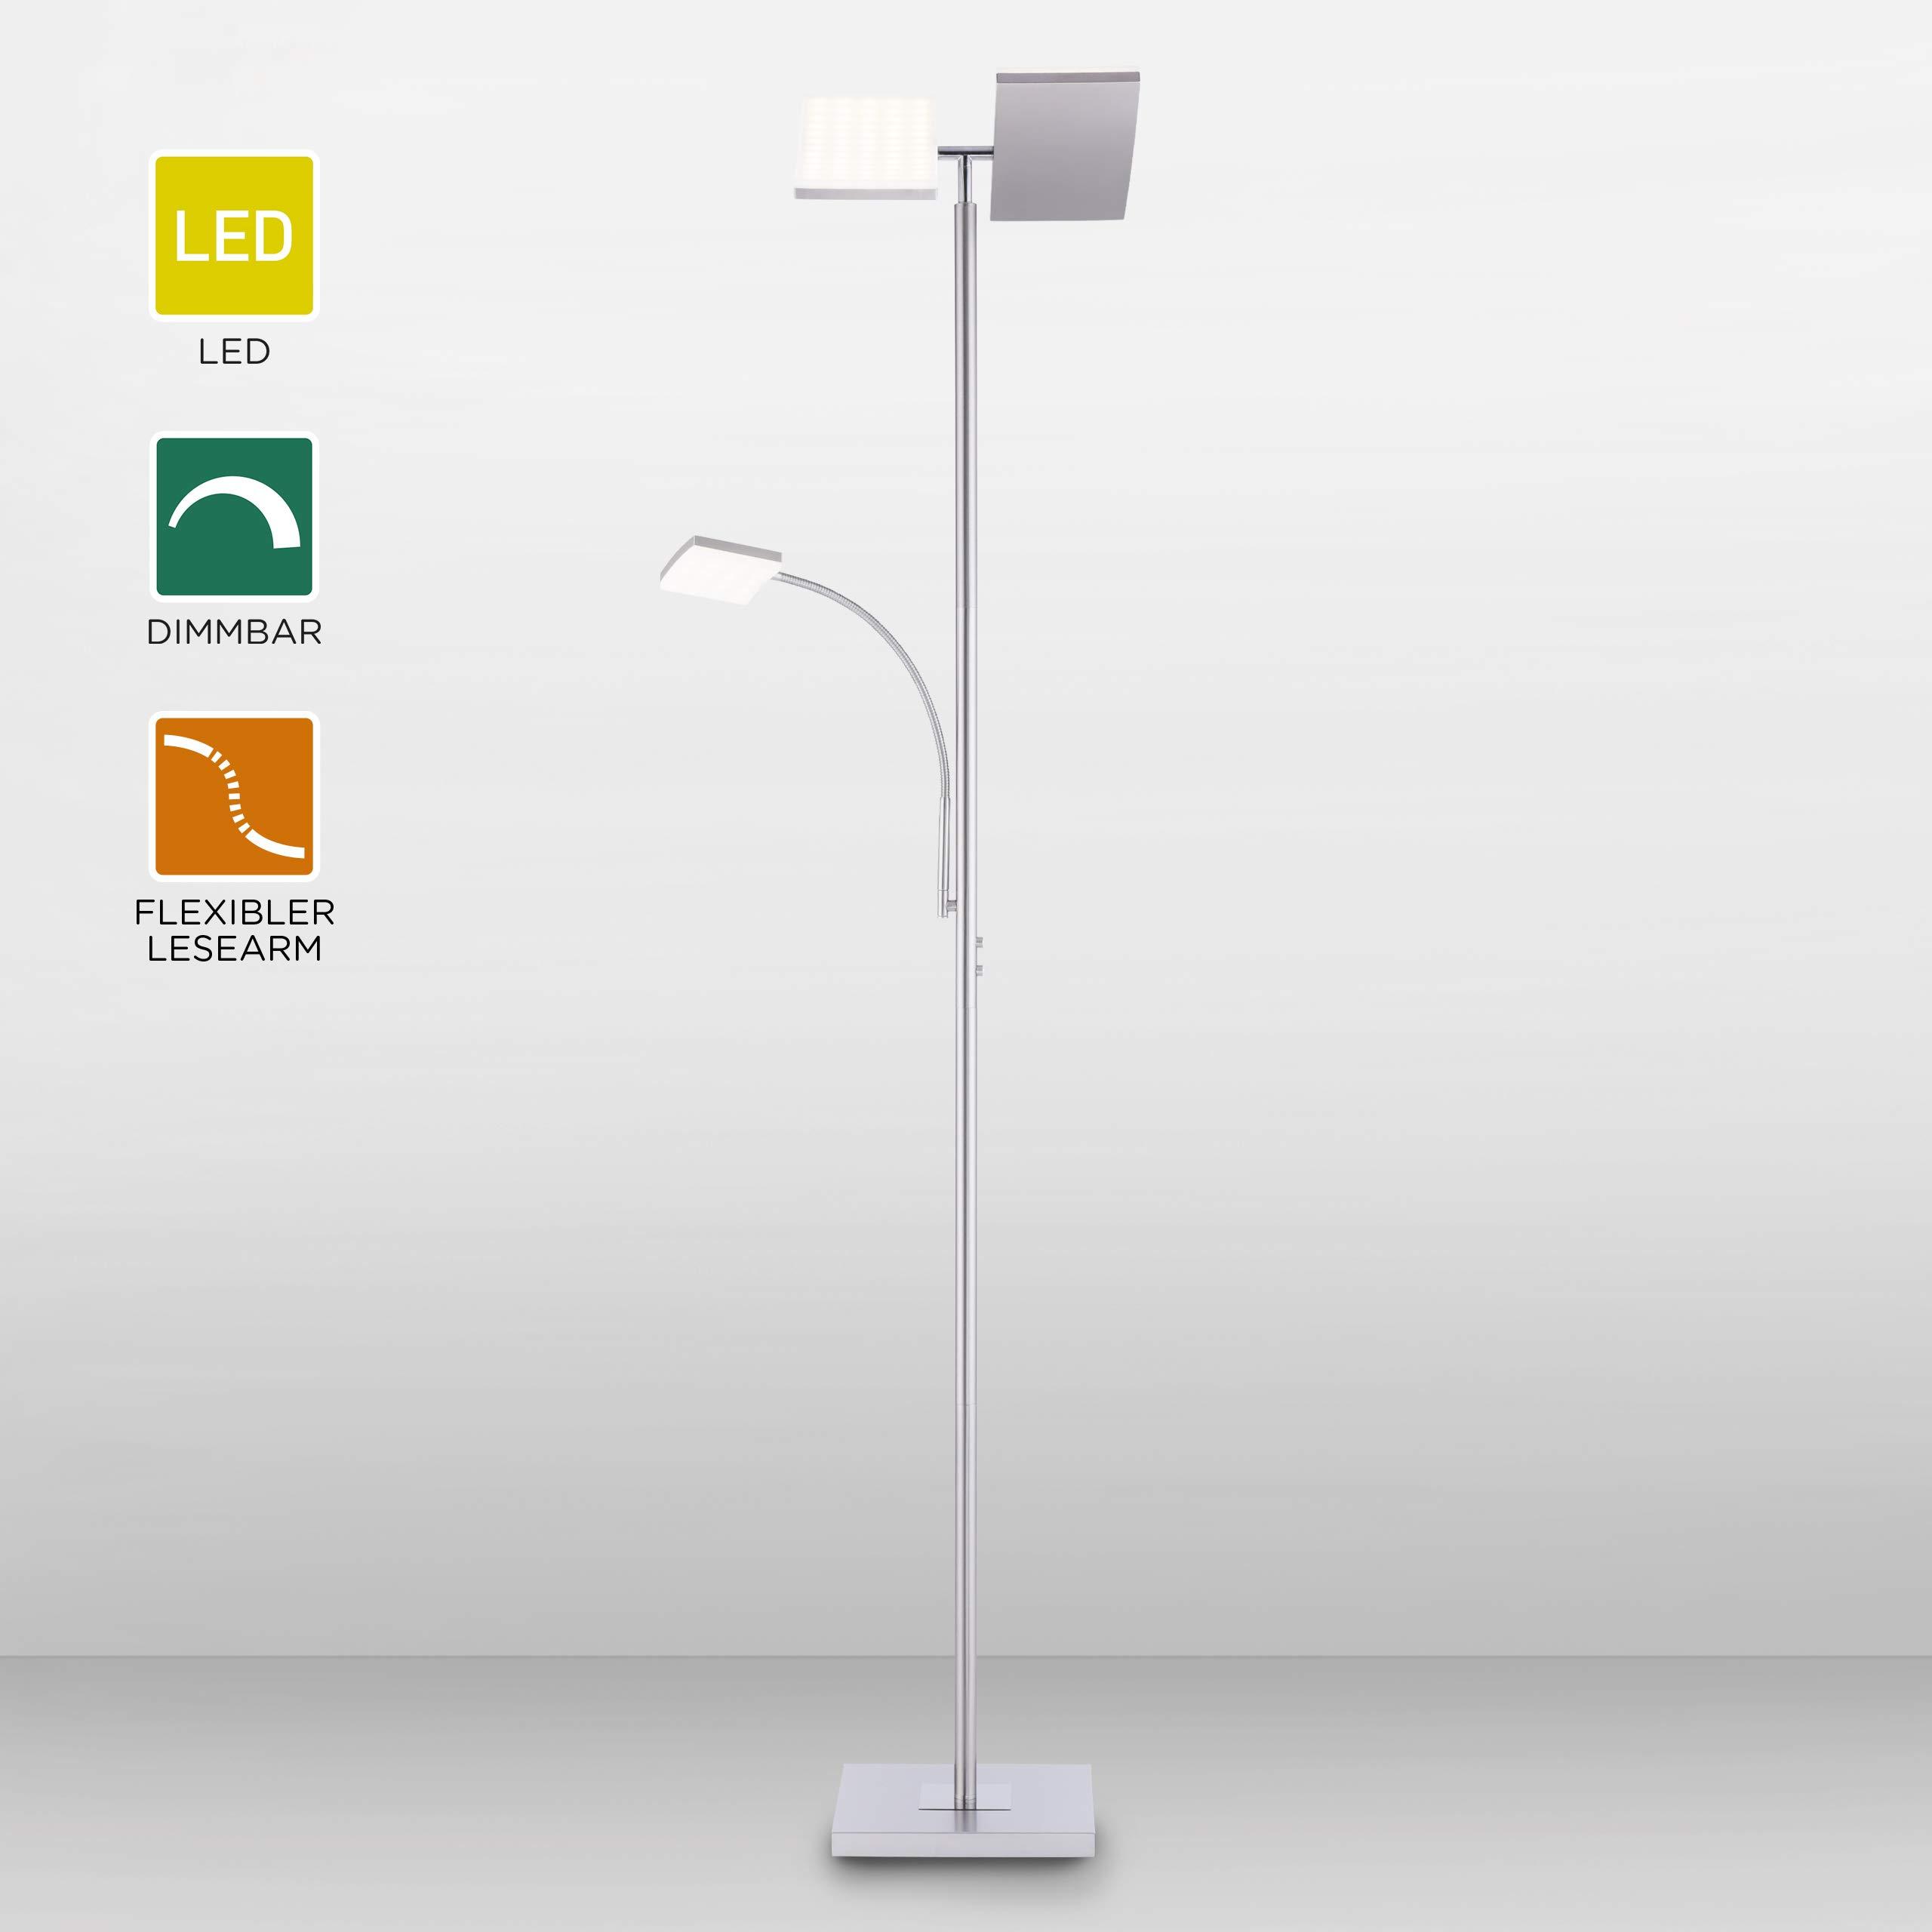 LED Stehlampe dimmbar  Deckenfluter mit flexibler Leselampe aus Edelstahl   Moderne Stehleuchte mit Tastdimmer  warmweißes Licht, 16 Lumen für